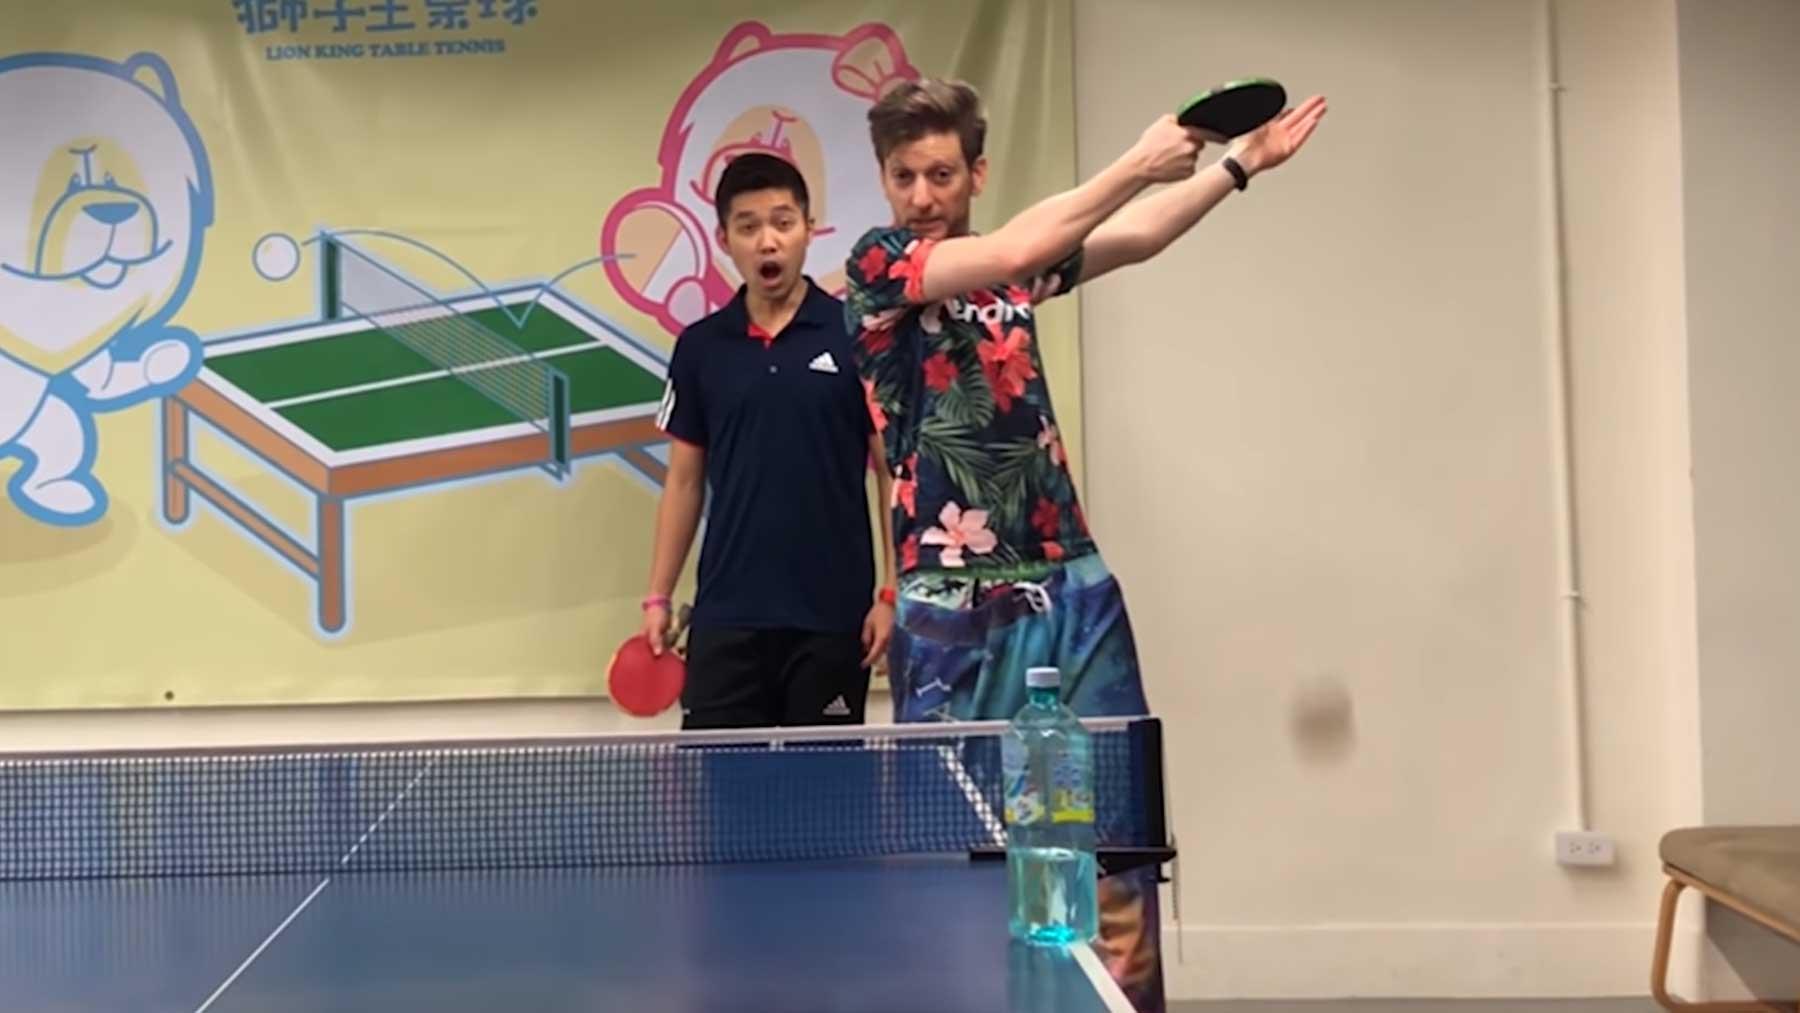 Total verrückte Tischtennis-Schläge von Adam Bobrow